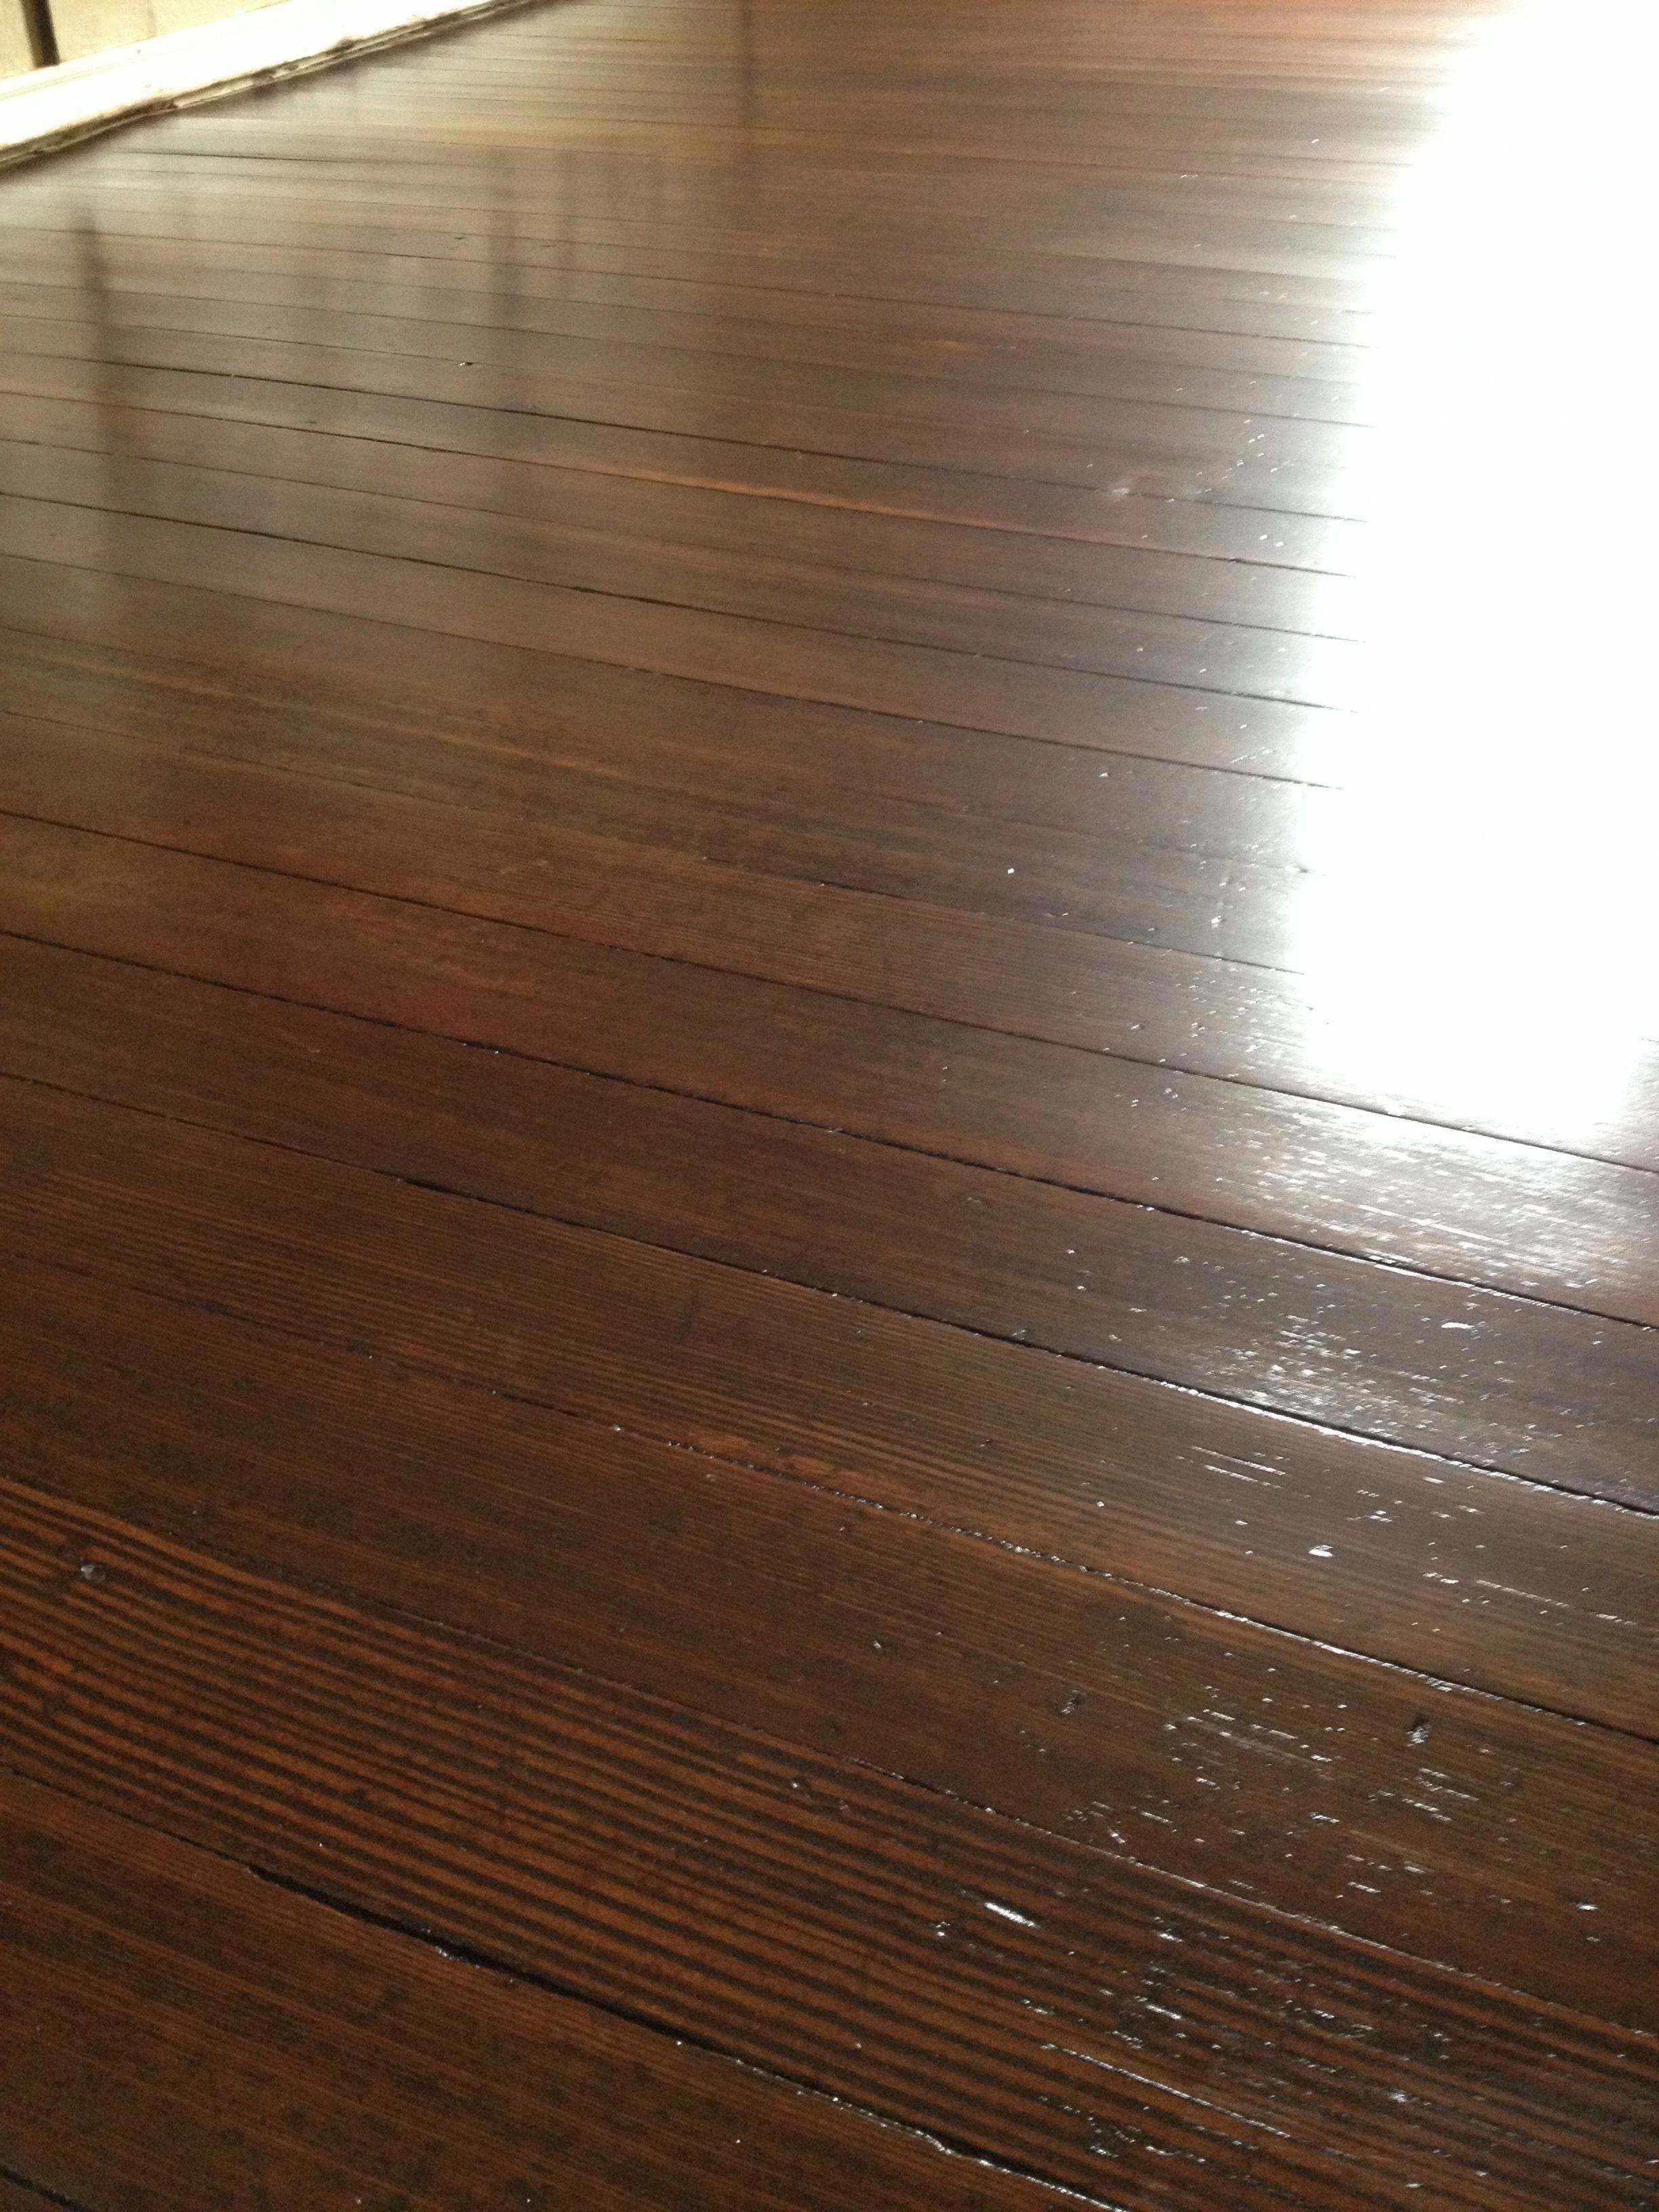 Diy Floor Refinishing Cheaphardwoodflooringwideplank Hardwood Floors Flooring Luxury Flooring